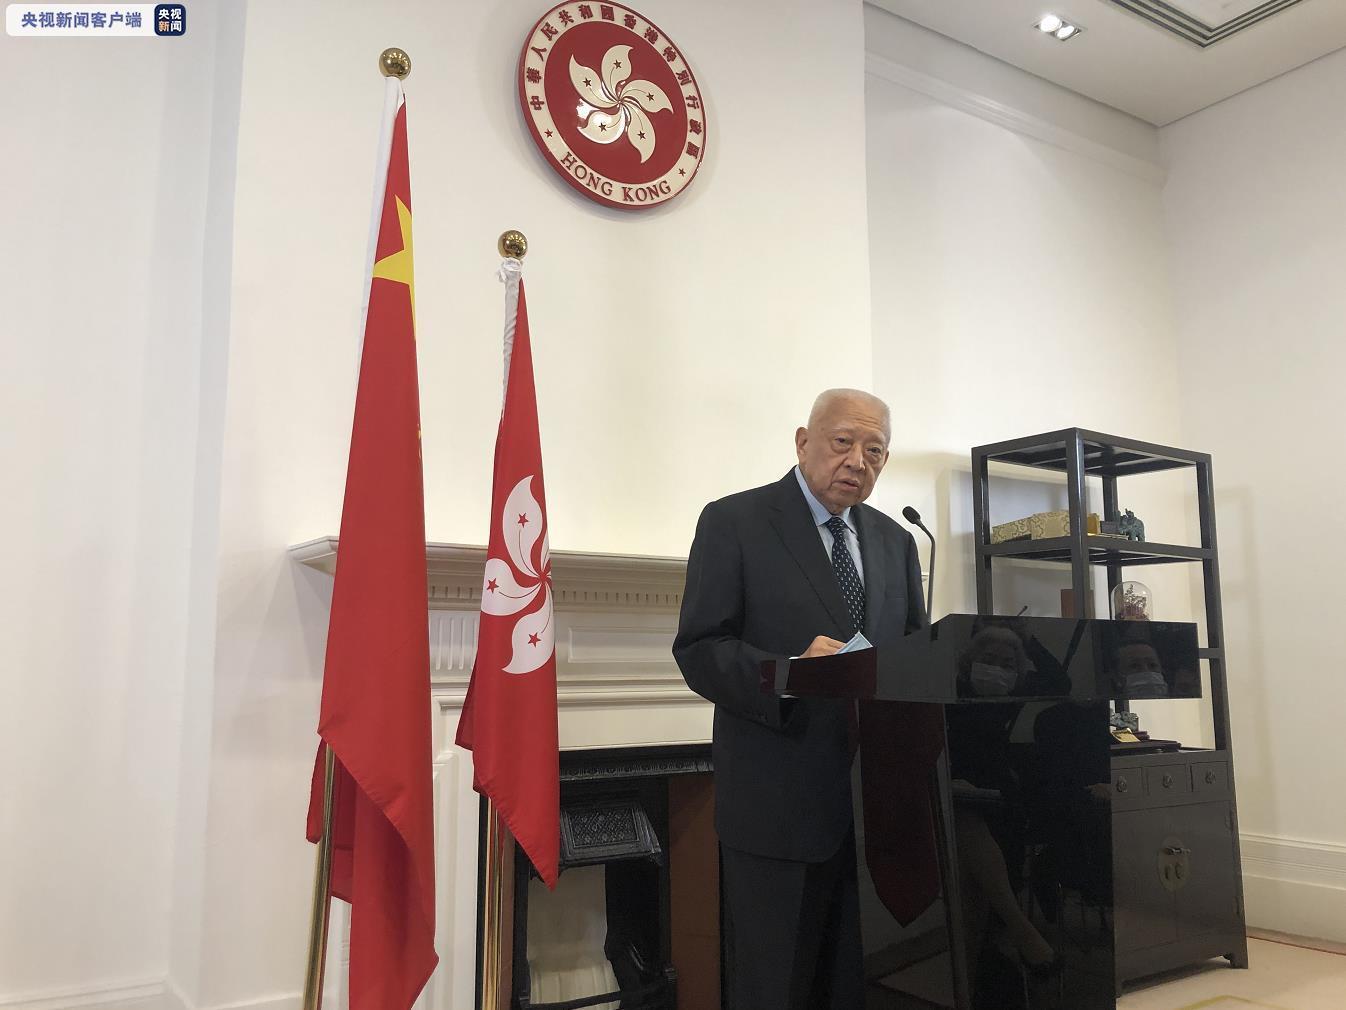 """全国政协副主席董建华: 必须发声支持""""港区国安法""""立法  维护国家安全就是维护香港的安全"""